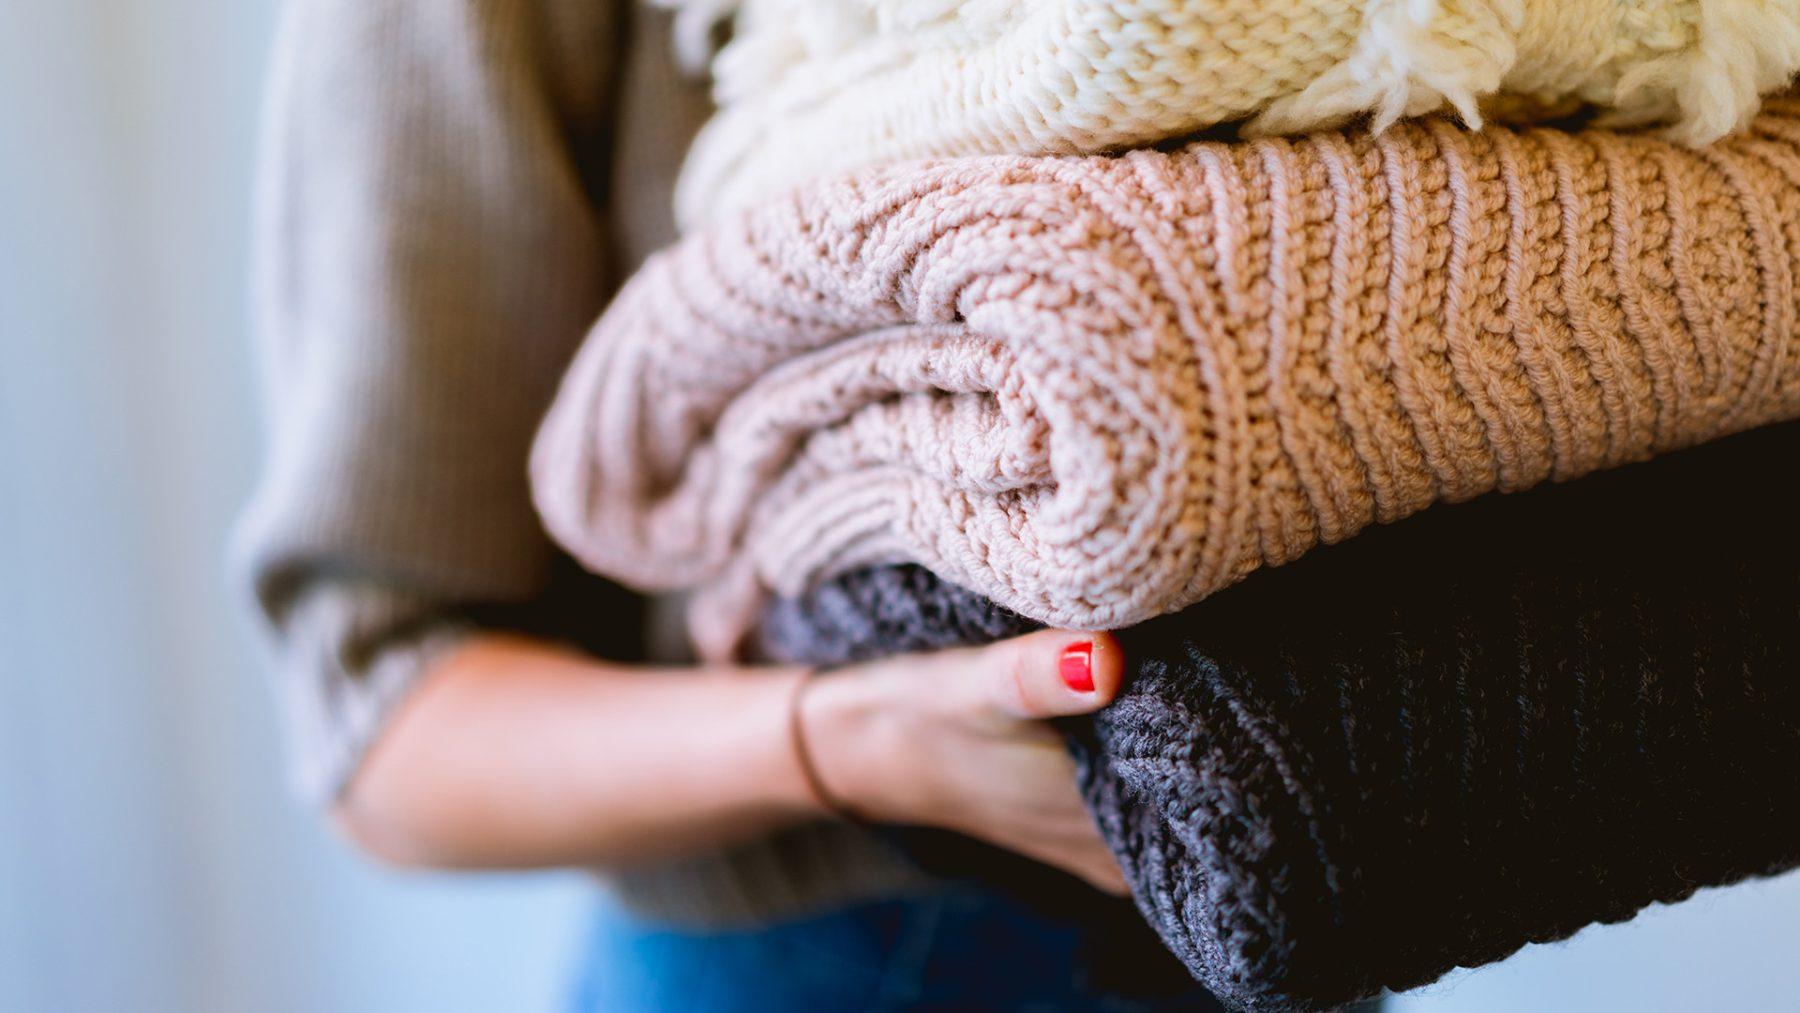 Zo shop je een warme én milieubewuste trui